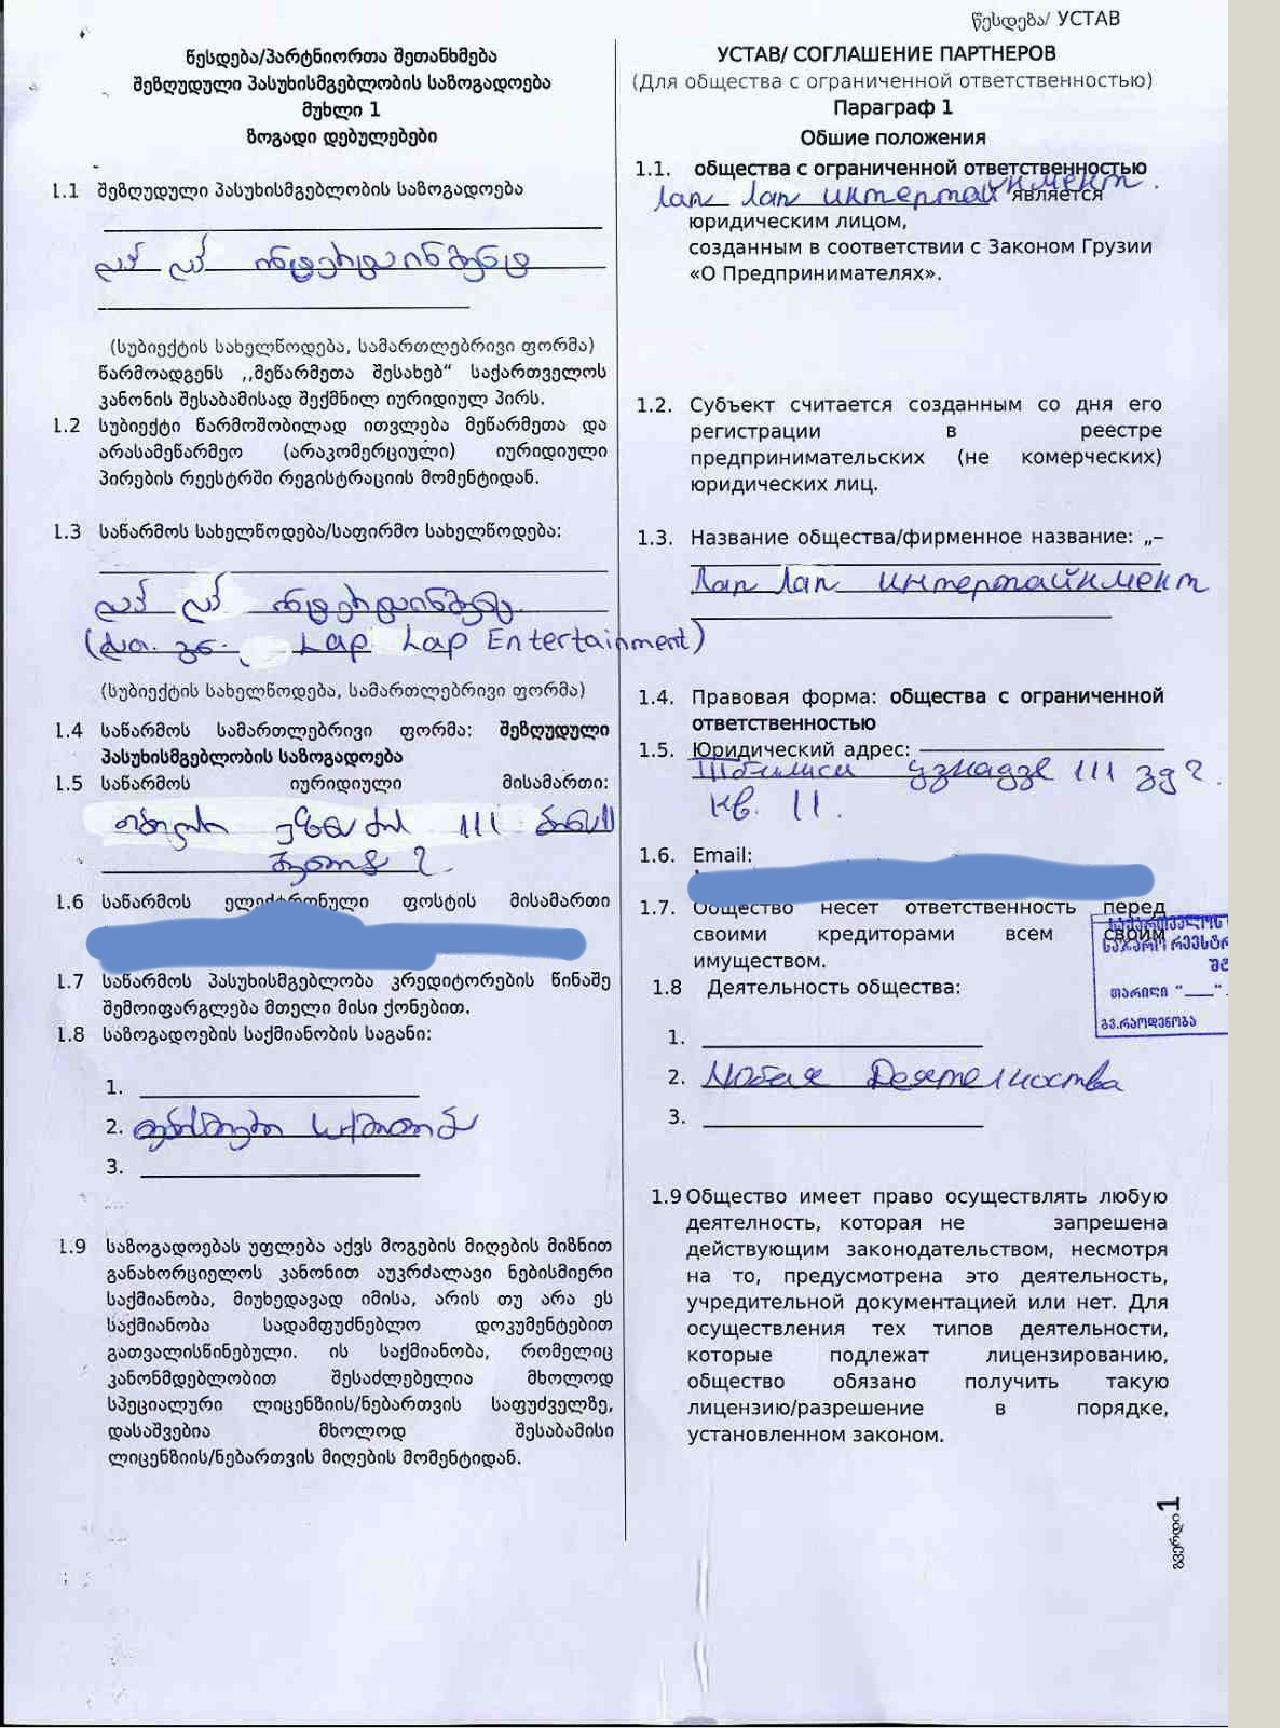 Оффшор для IT-бизнеса в Грузии: лайфхаки и подводные камни - 2